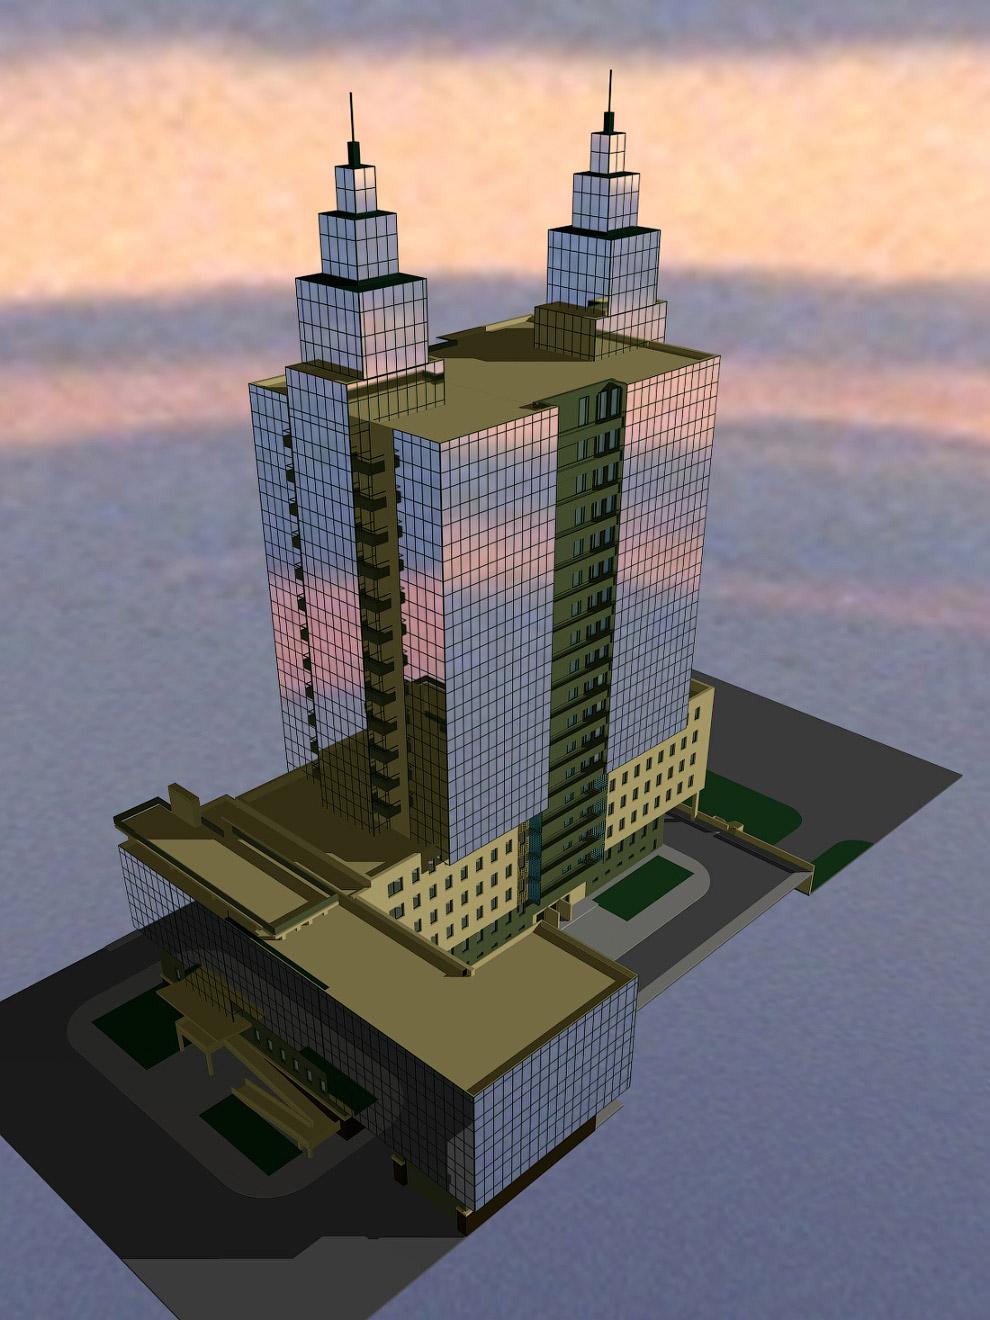 45. К примеру, одна из технологичных задумок — рекуперация тепла в башнях, там планировалось создать